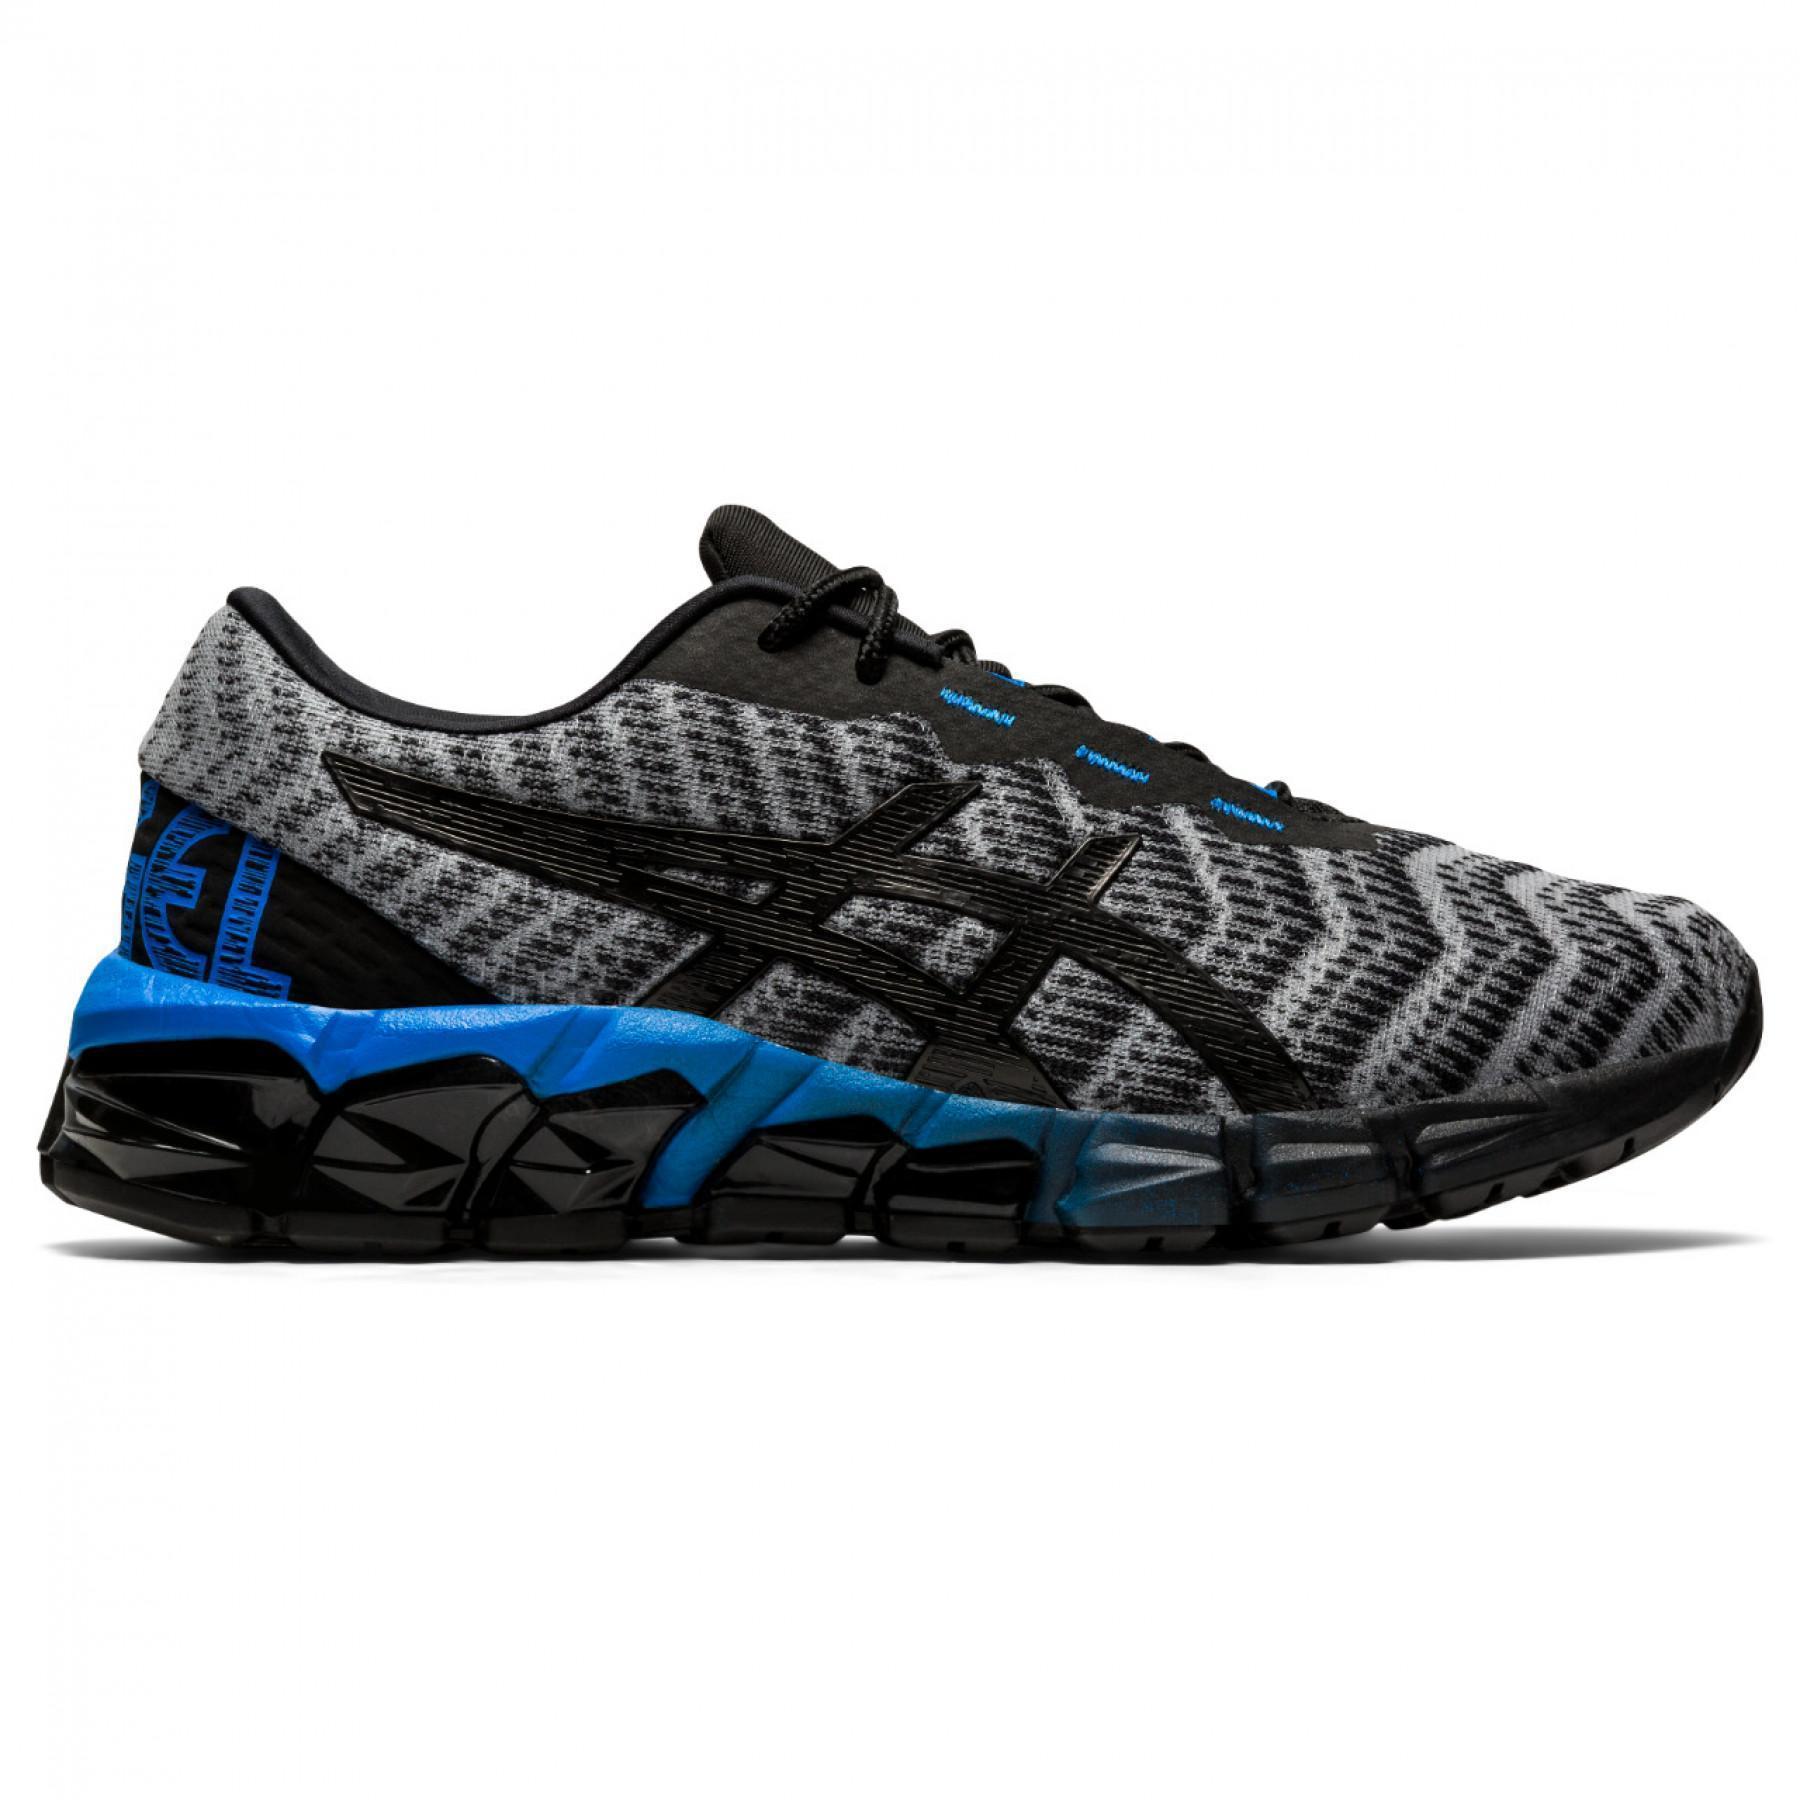 Asics Gel-Quantum 180 5 GS Children's Shoes